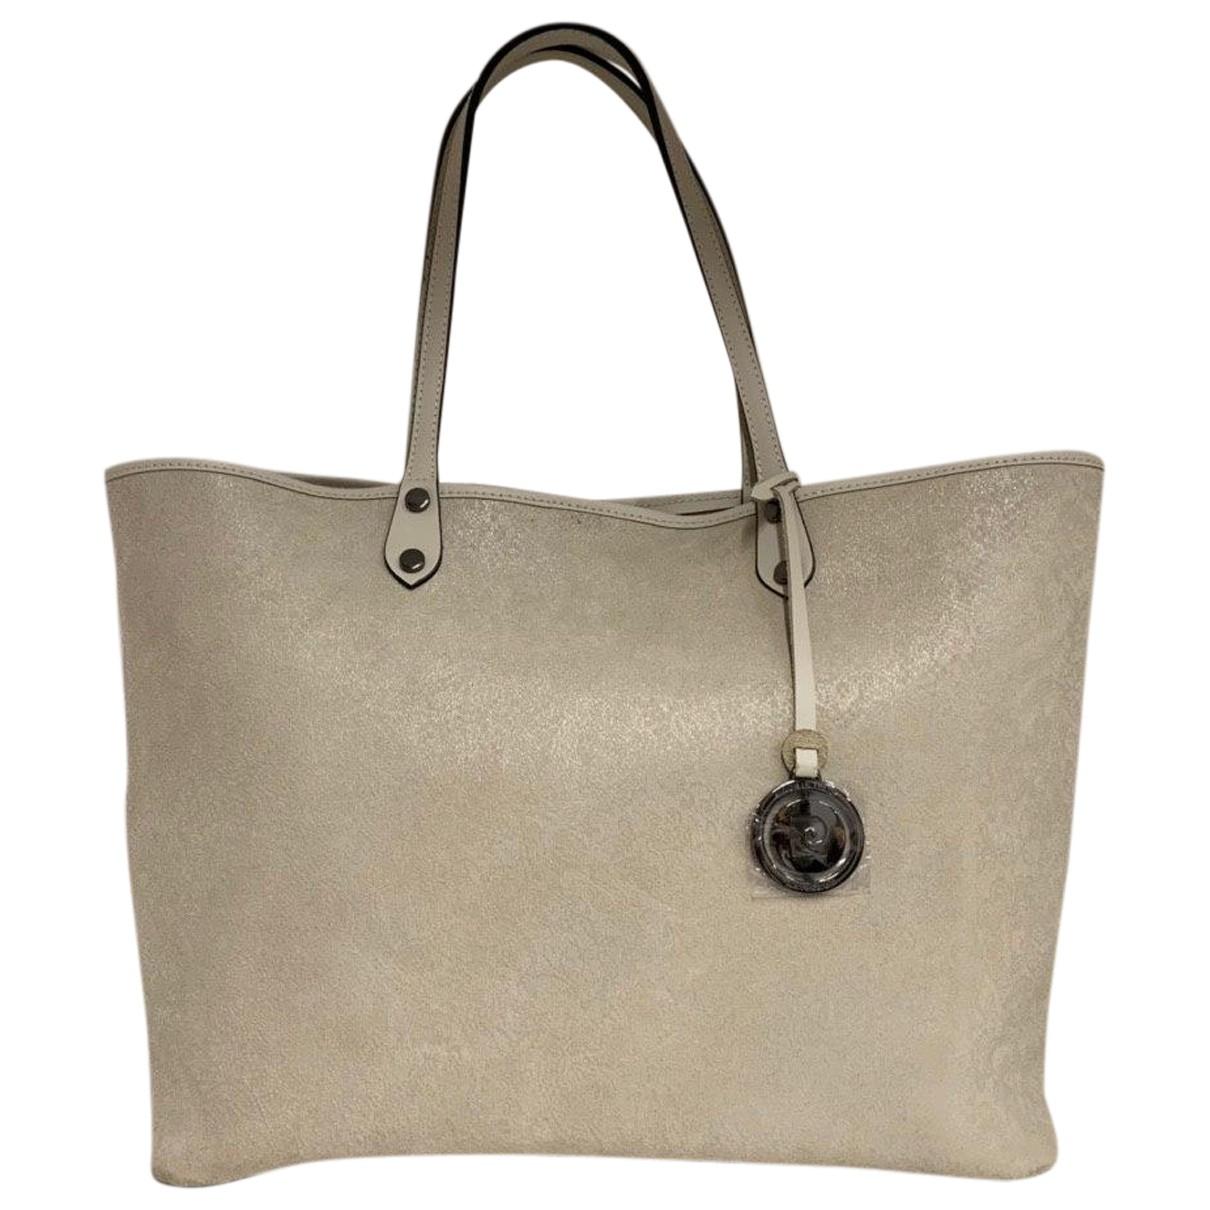 Pierre Cardin \N Leather handbag for Women \N